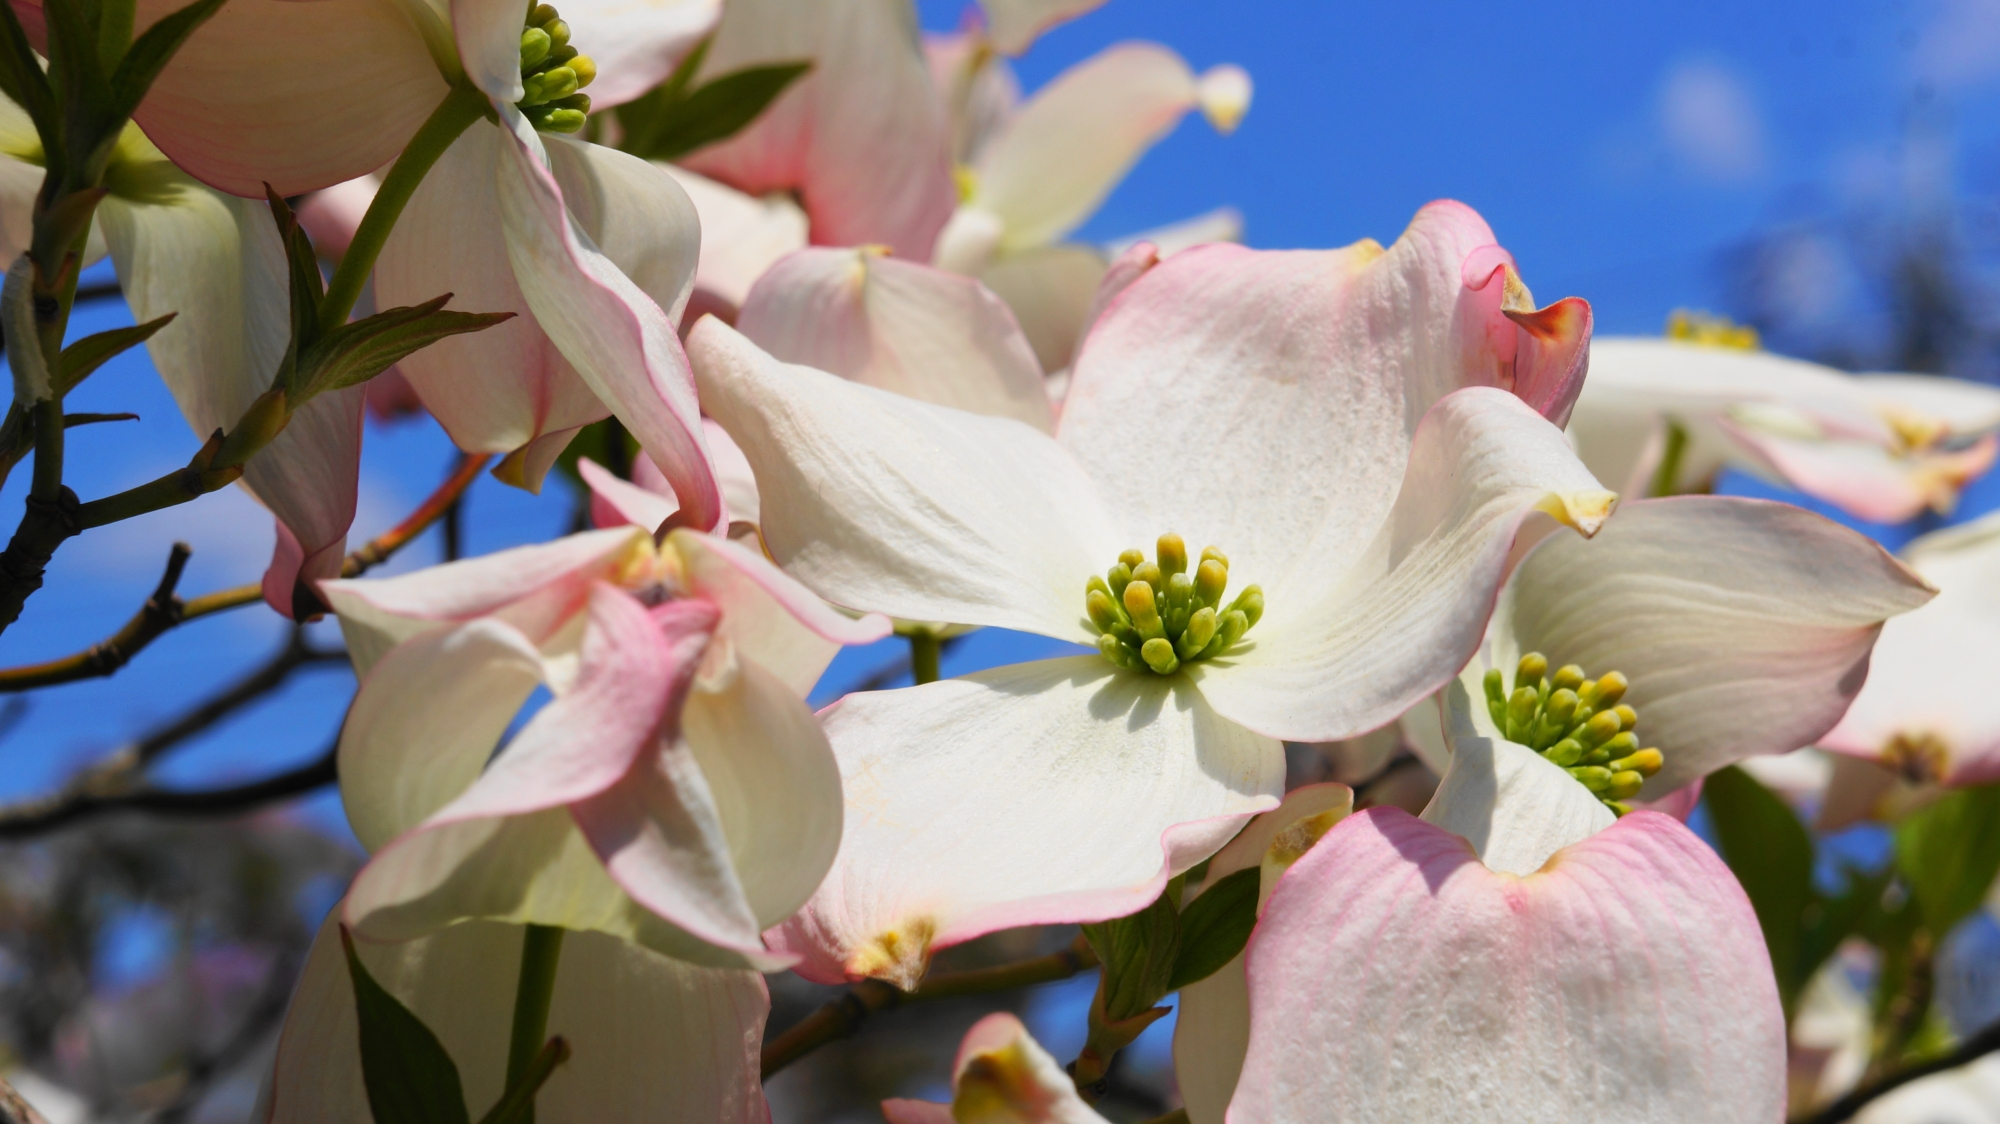 元気いっぱいに咲き誇る満開のハナミズキの花